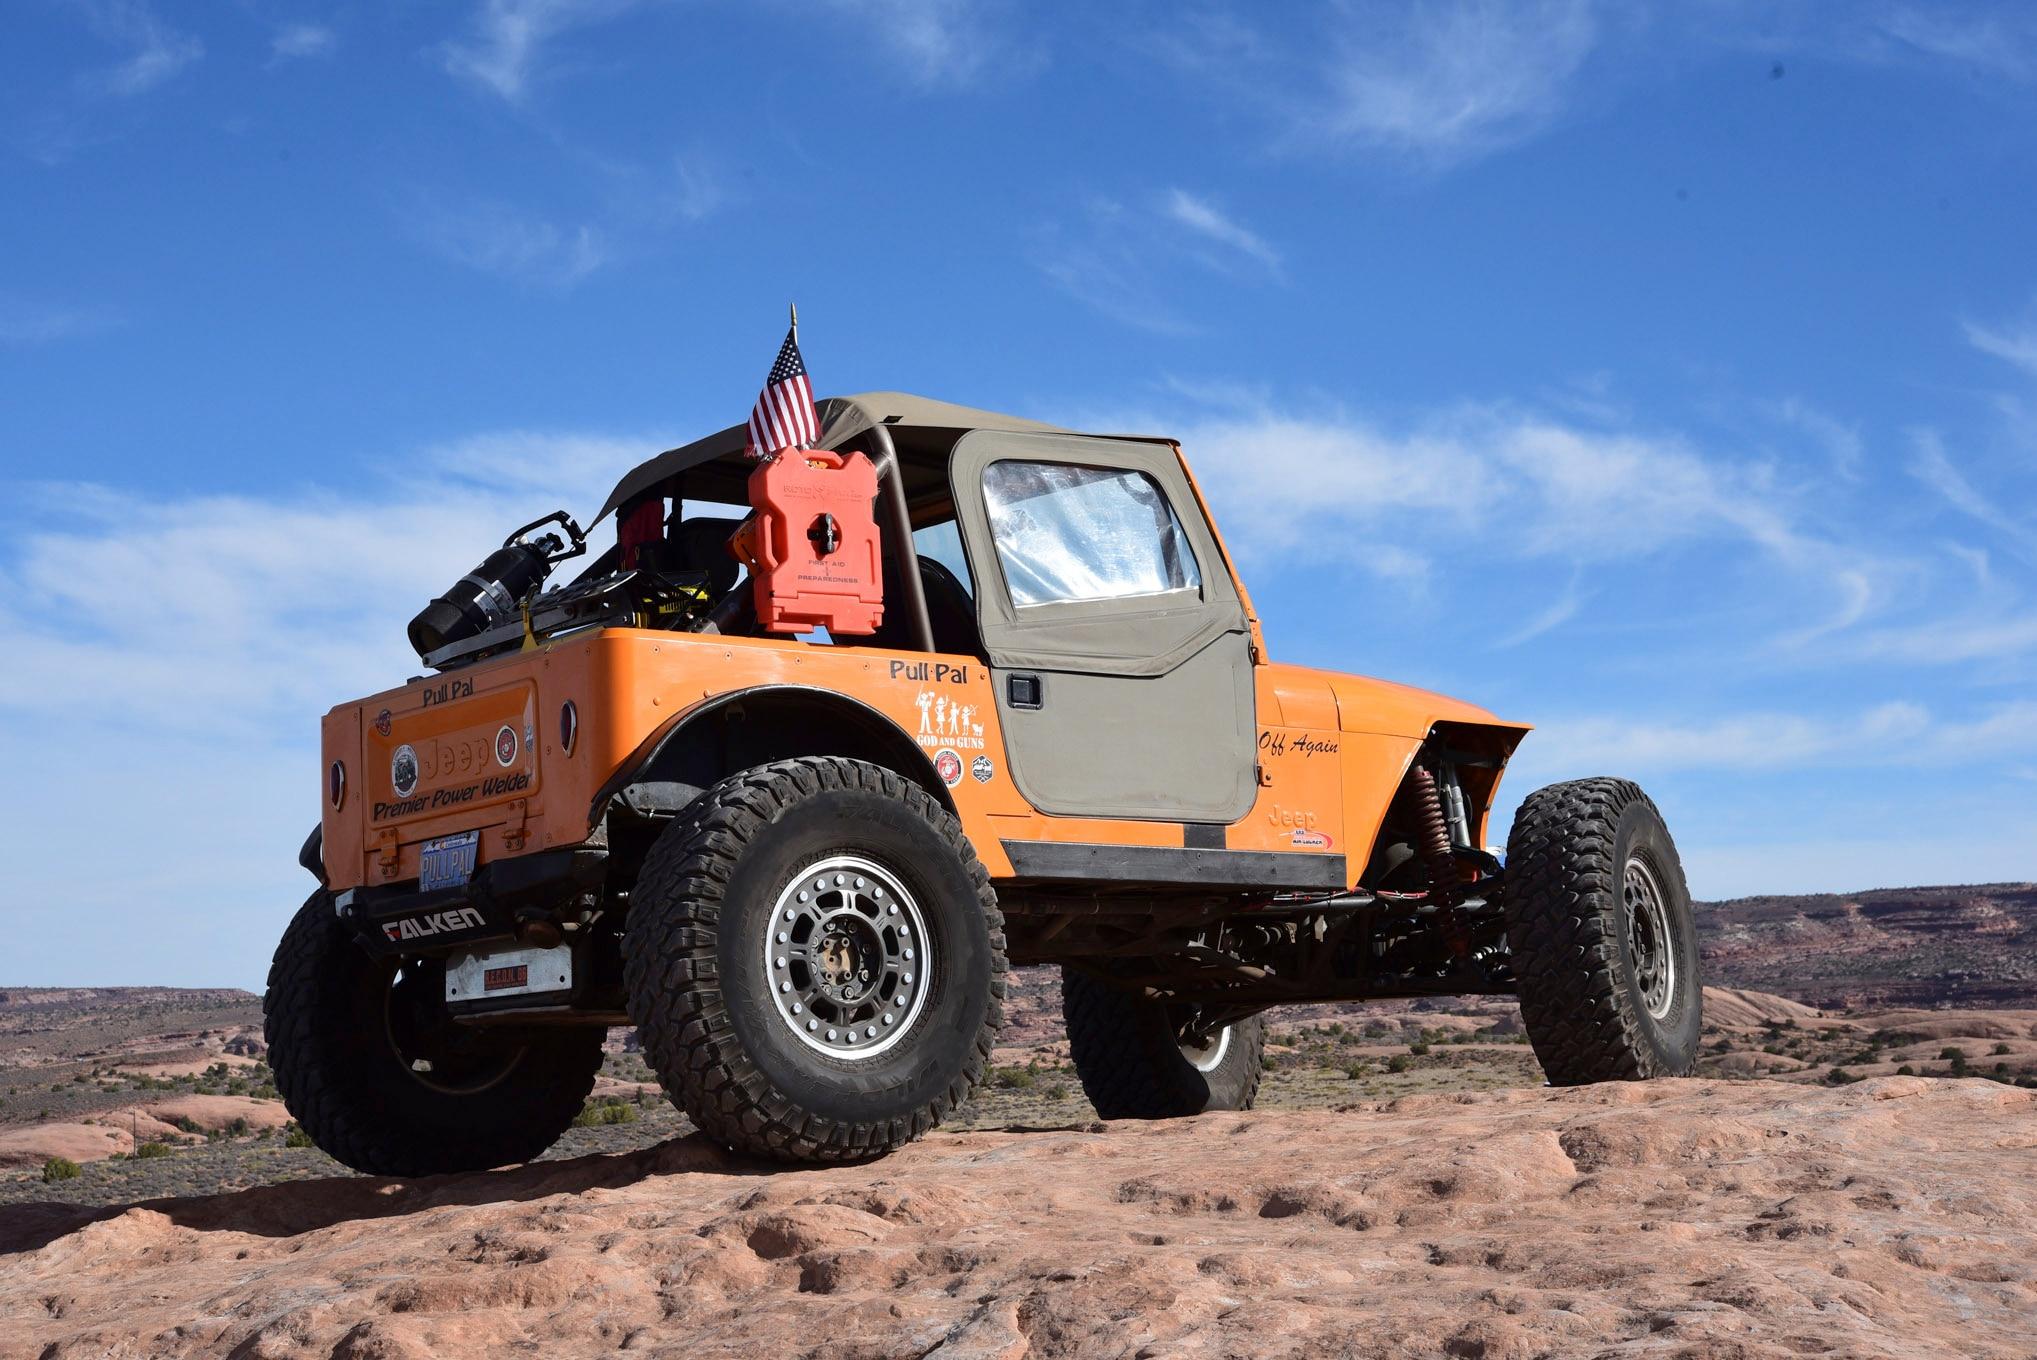 022 jeep 1976 cj7 hummer h1 portal axles 5.0l v8